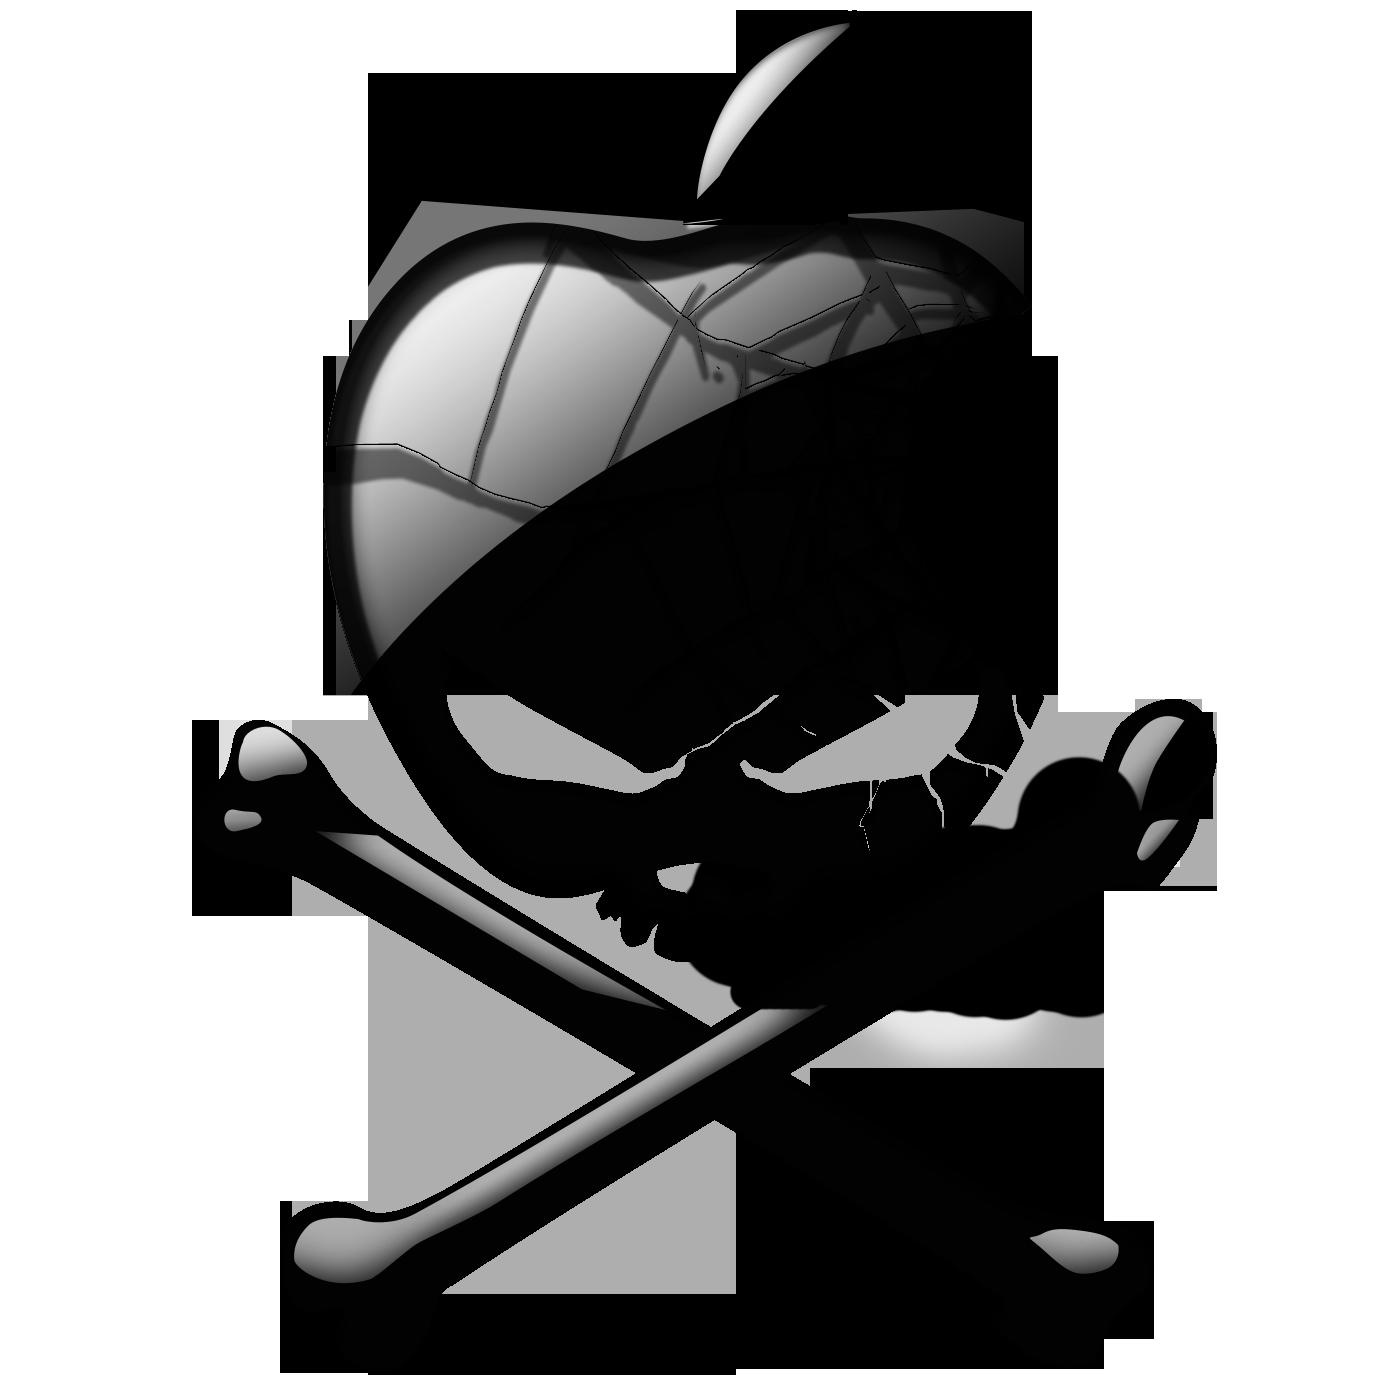 Hackintosh logo by Jonzy